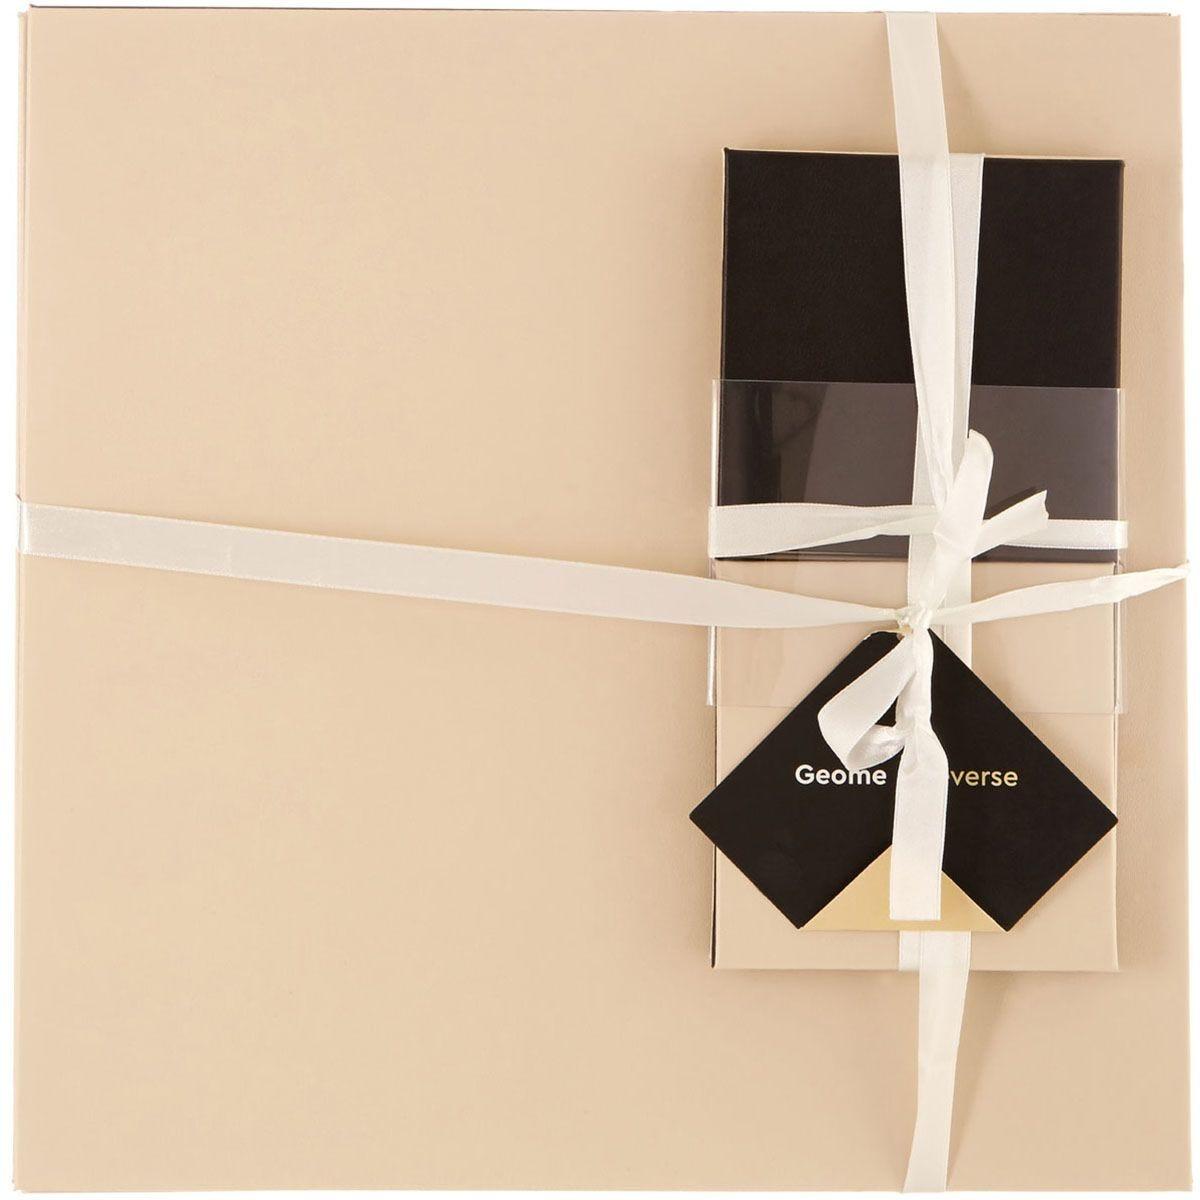 Premier Housewares Black Geome Reverse Coasters & Placemats - Set of 4